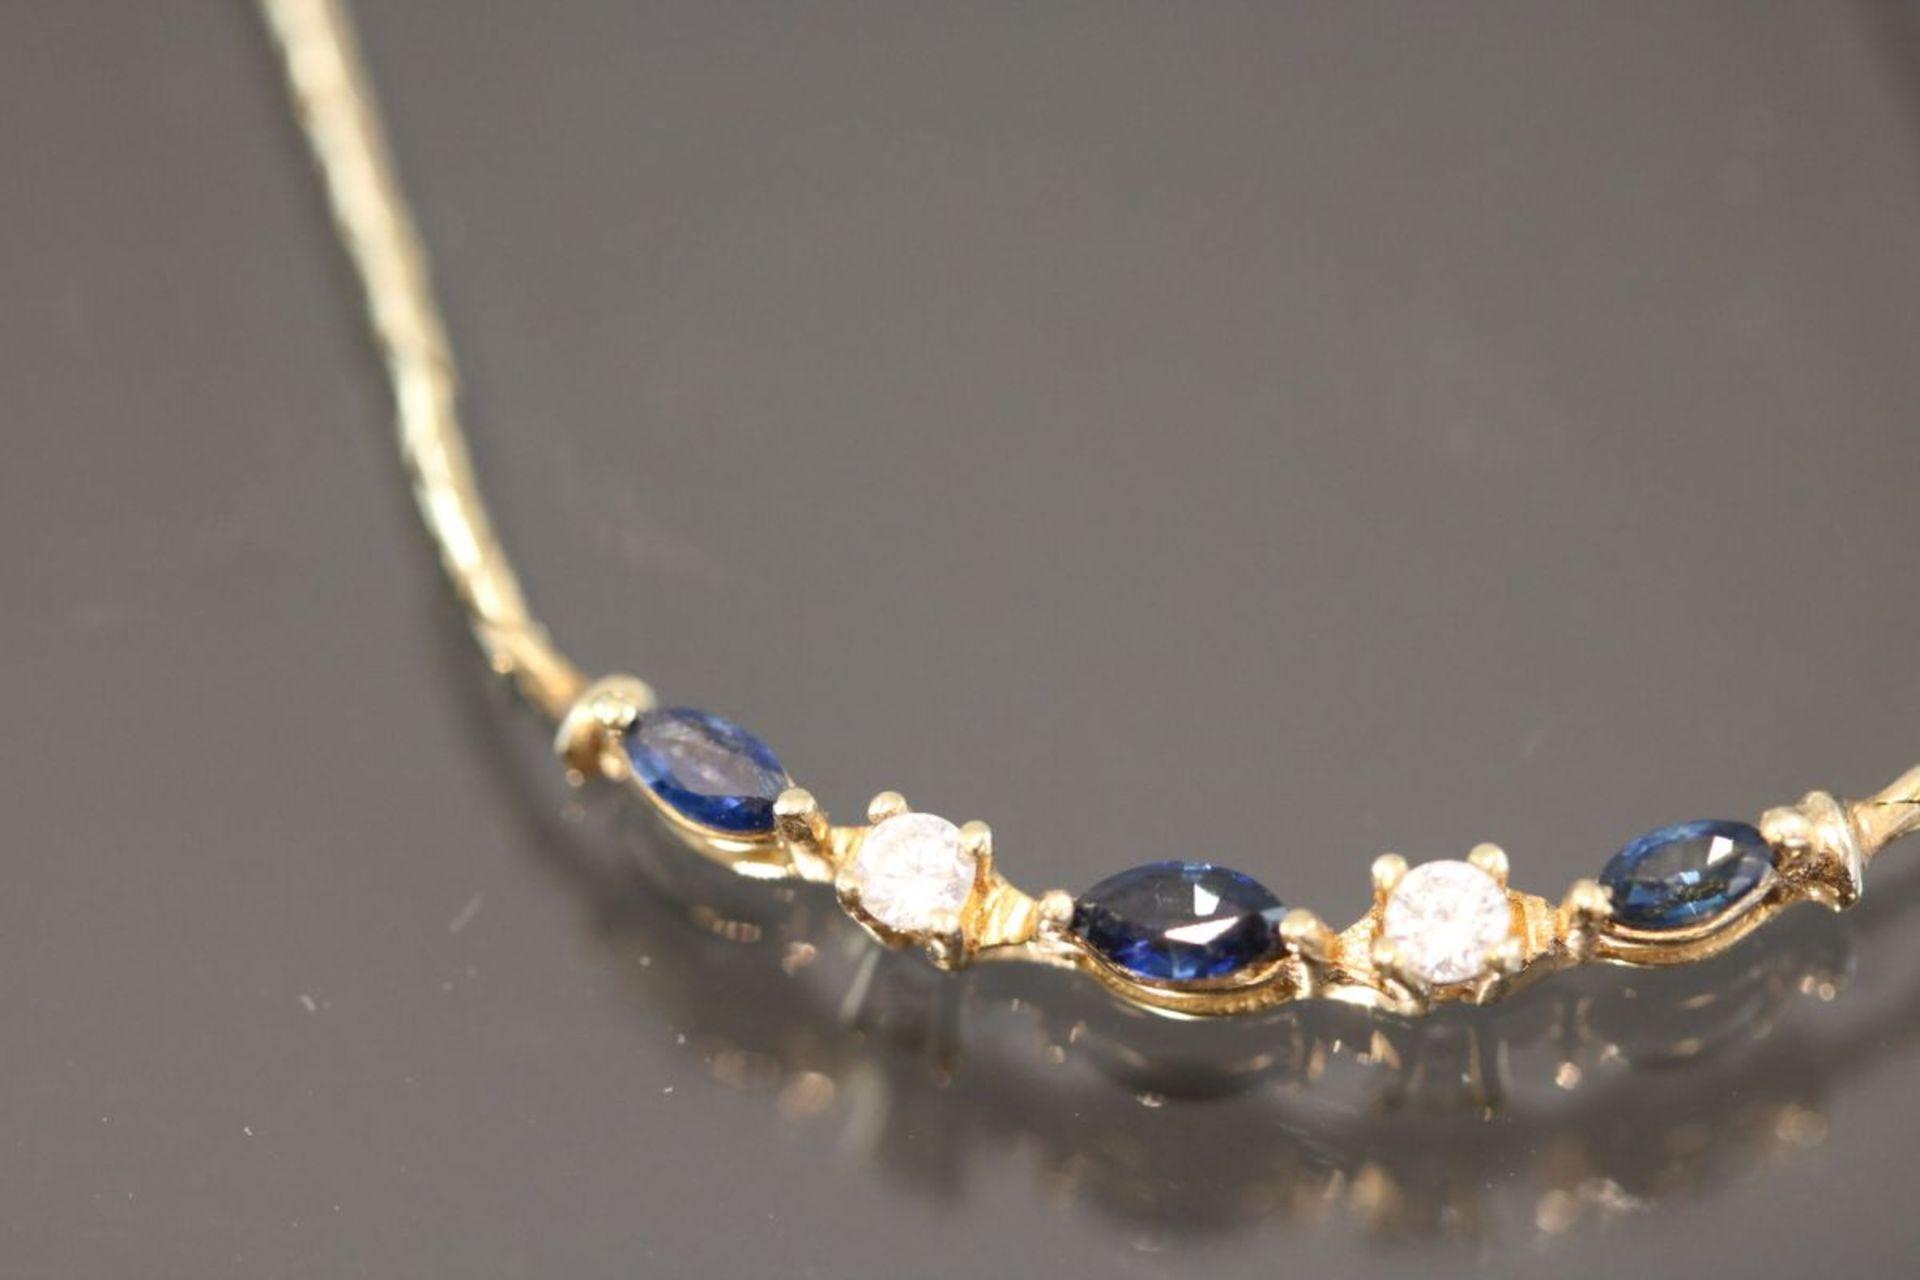 Saphir-Brillant-Collier, 585 Gold5,9 Gramm 2 Brillanten, 0,09 ct., w/si. Länge: 42 cm Schätzpreis: - Bild 2 aus 2